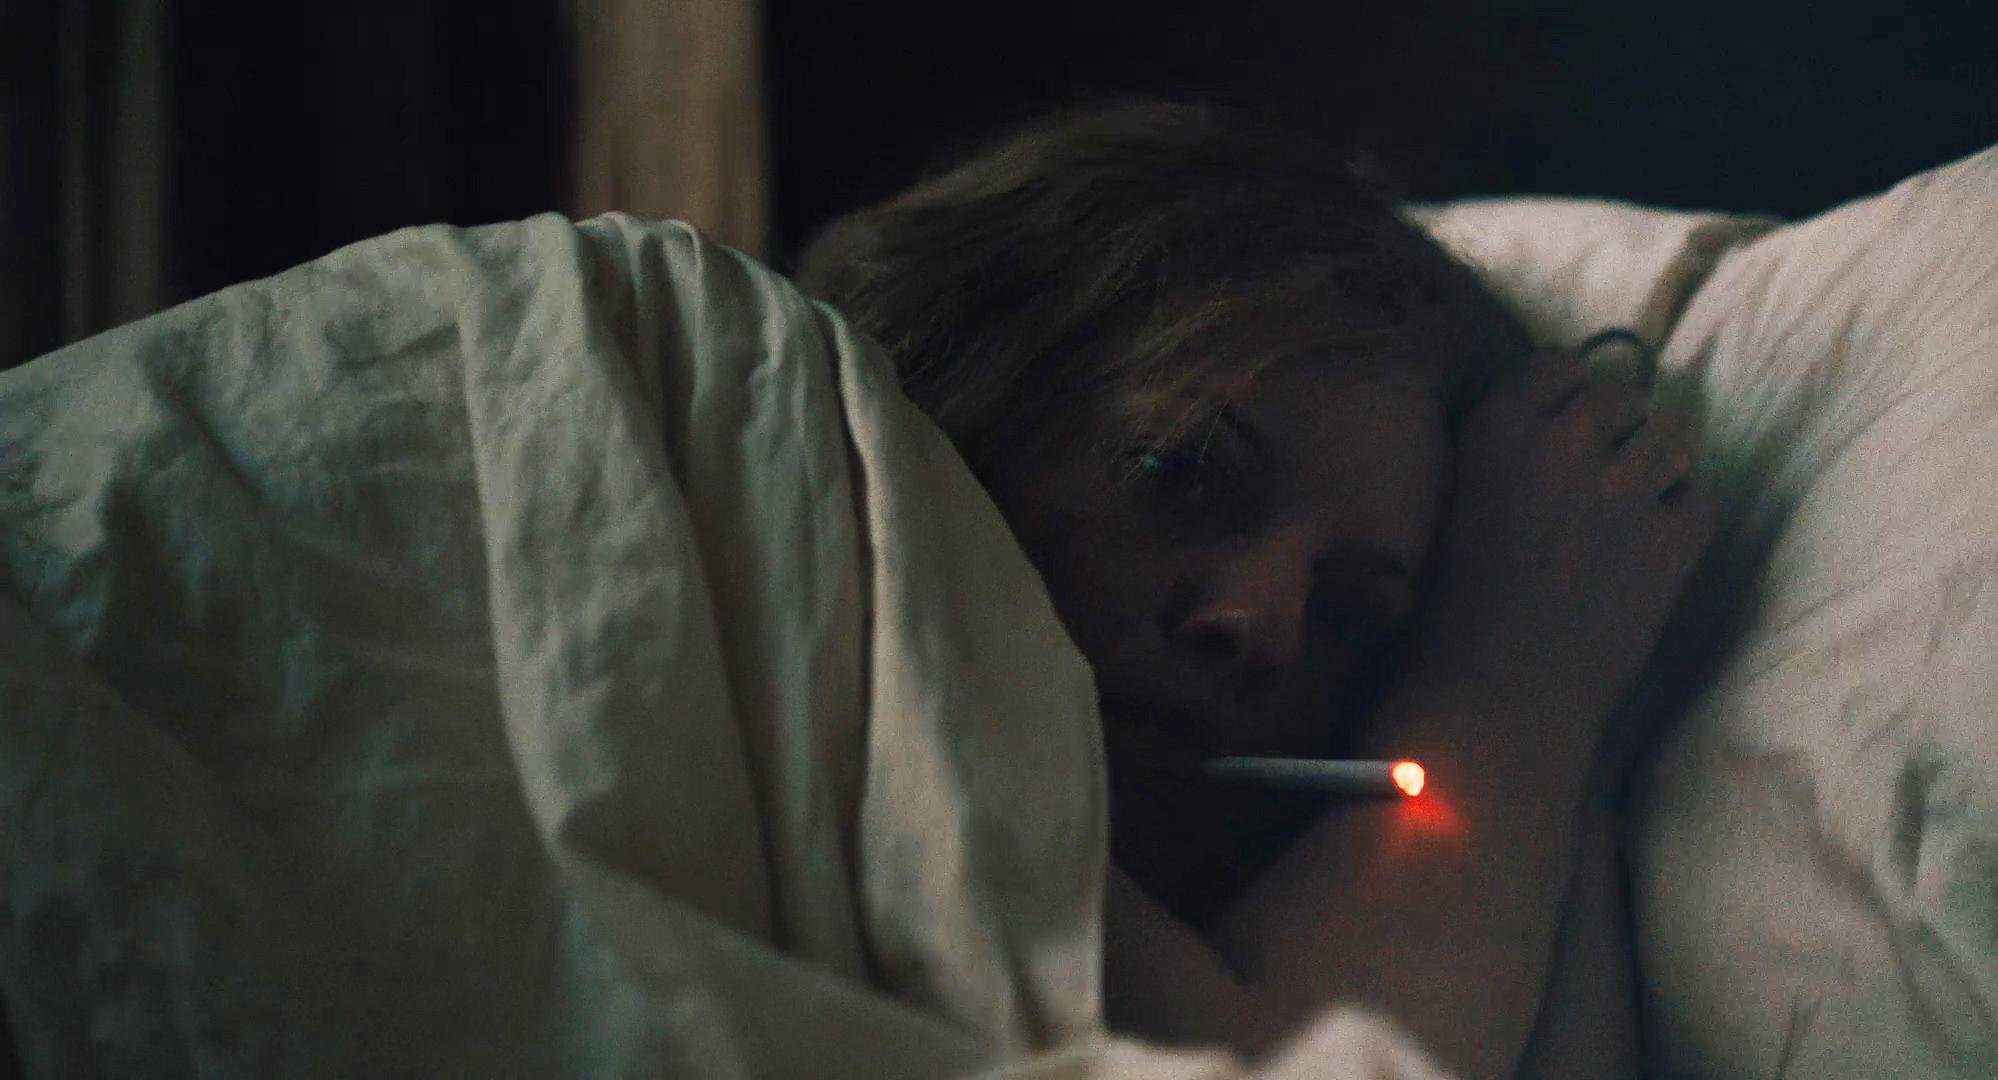 «Ширли» — напряженное кино об эмансипации и токсичном браке писательницы Ширли Джексон (фото 4)